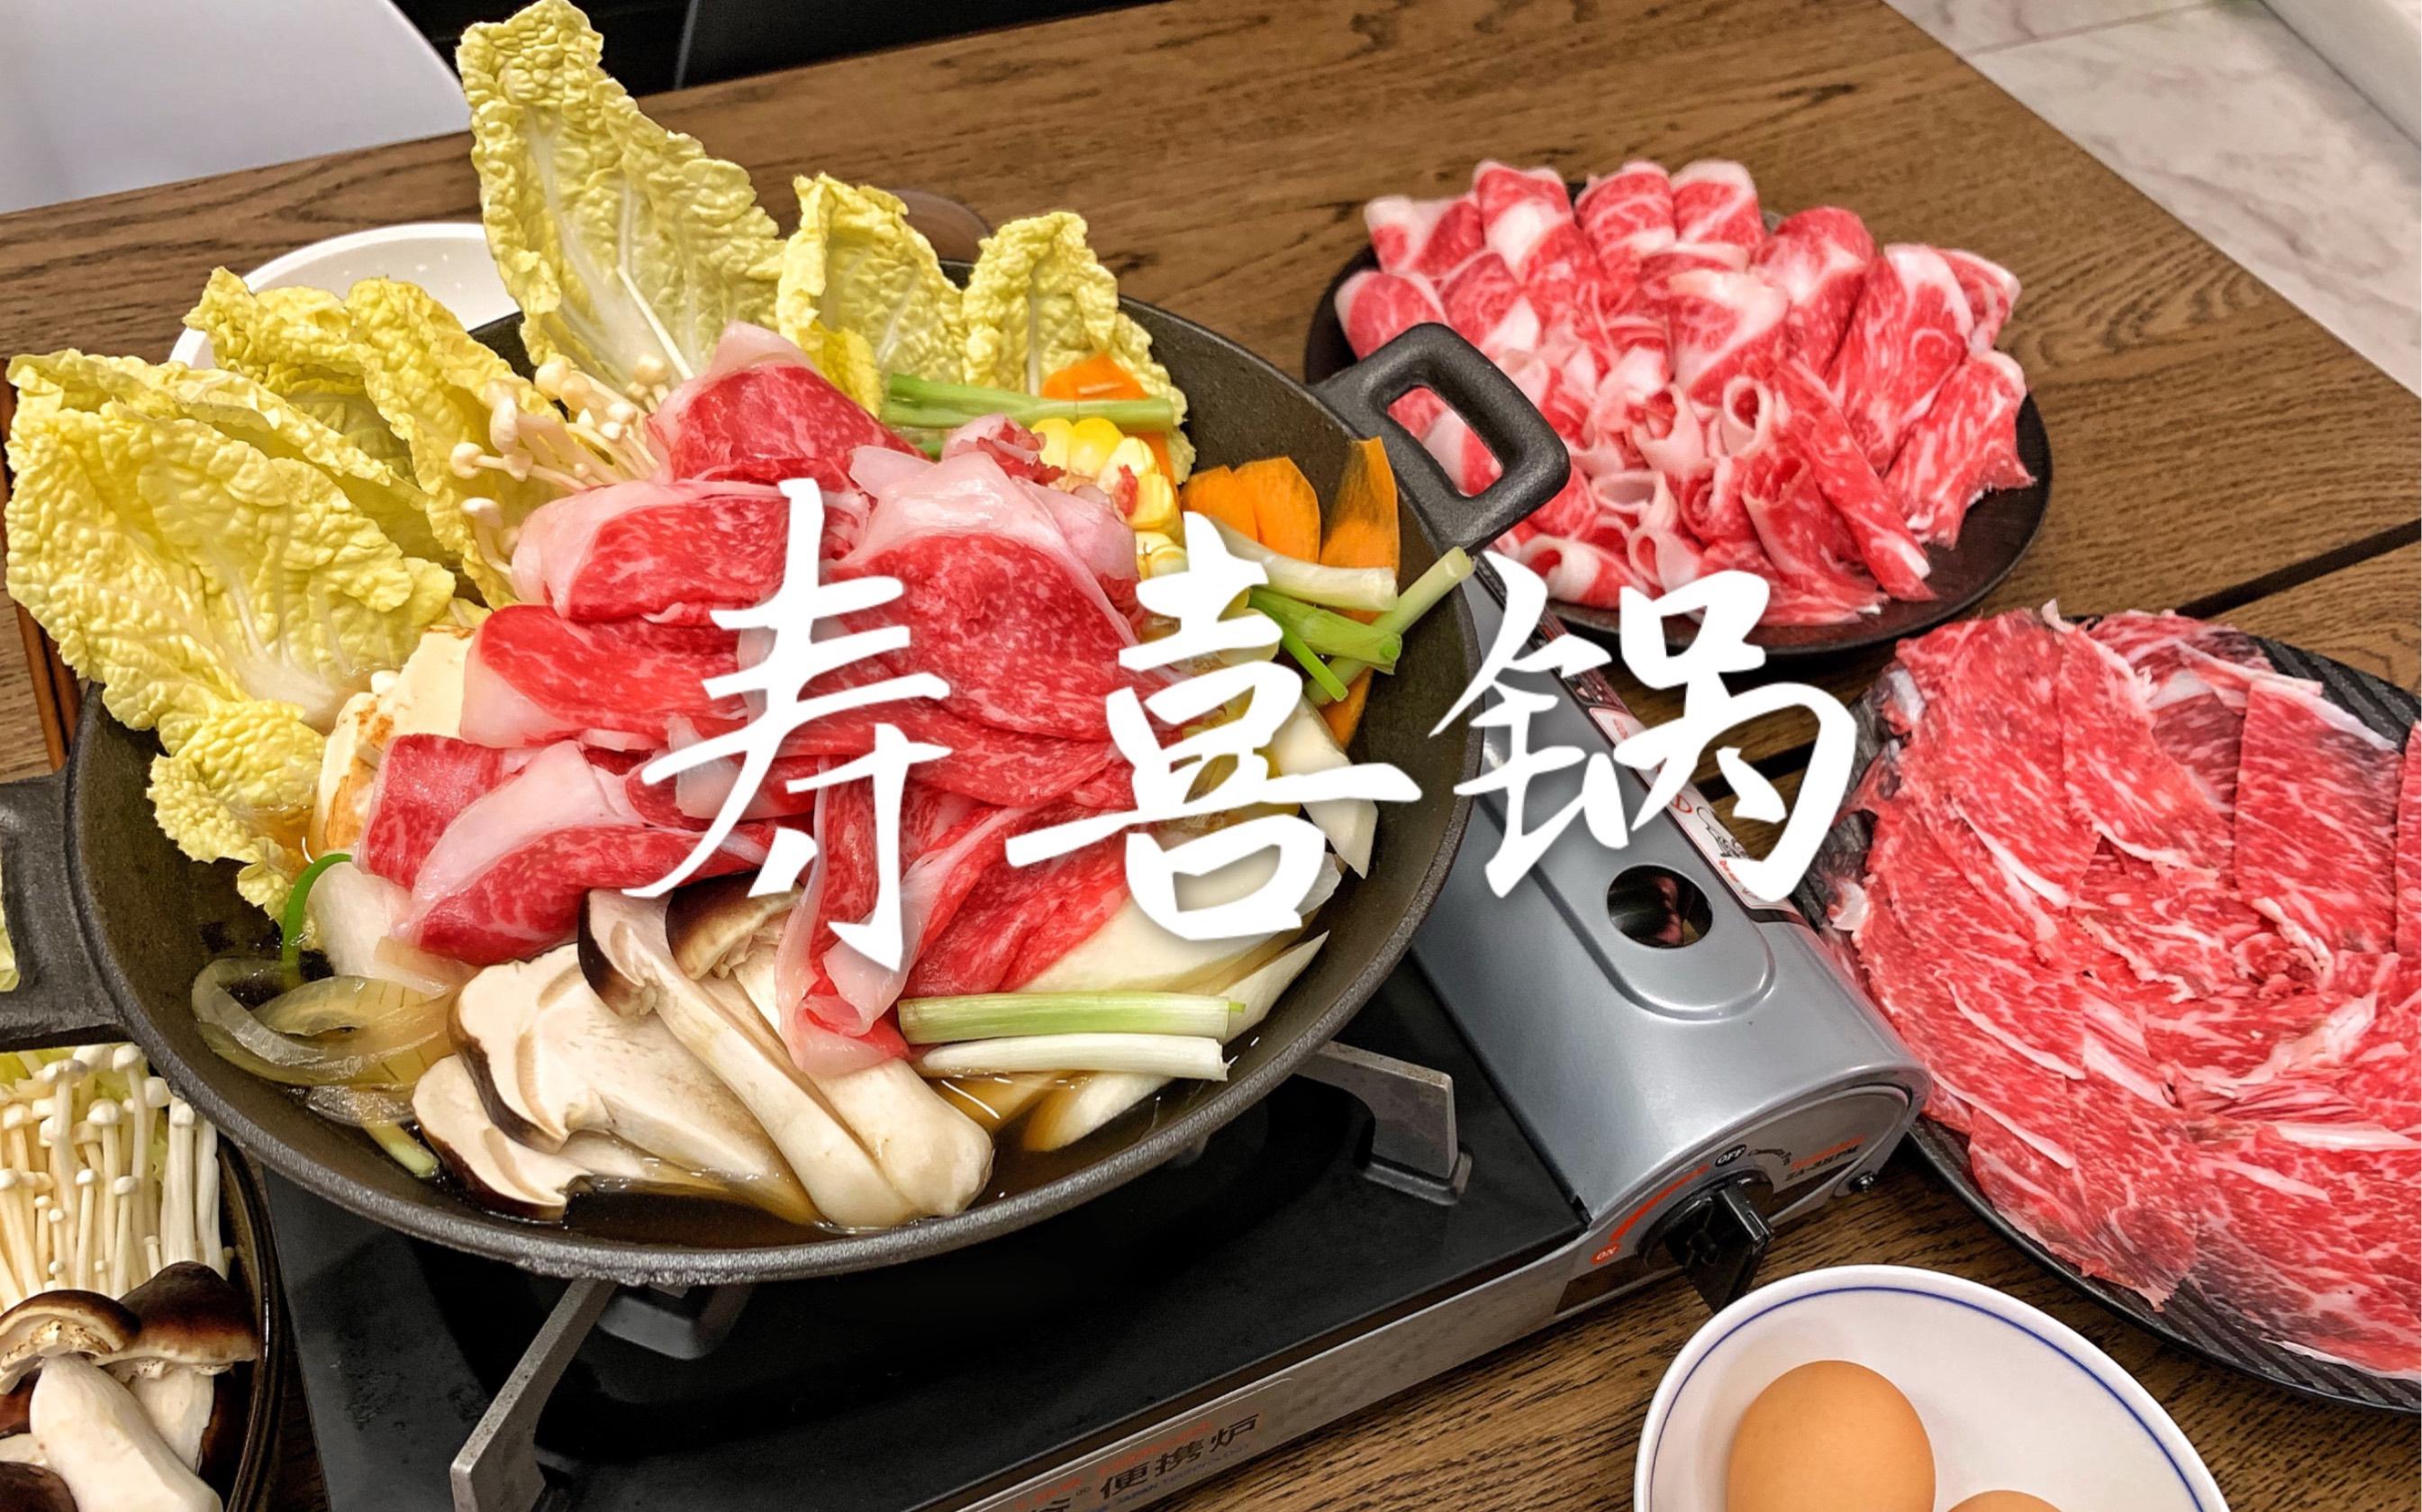 入秋贴秋膘之肉满满寿喜锅, 我说怎么老觉得外面点的肉不够吃, 咱们自己切厚片!